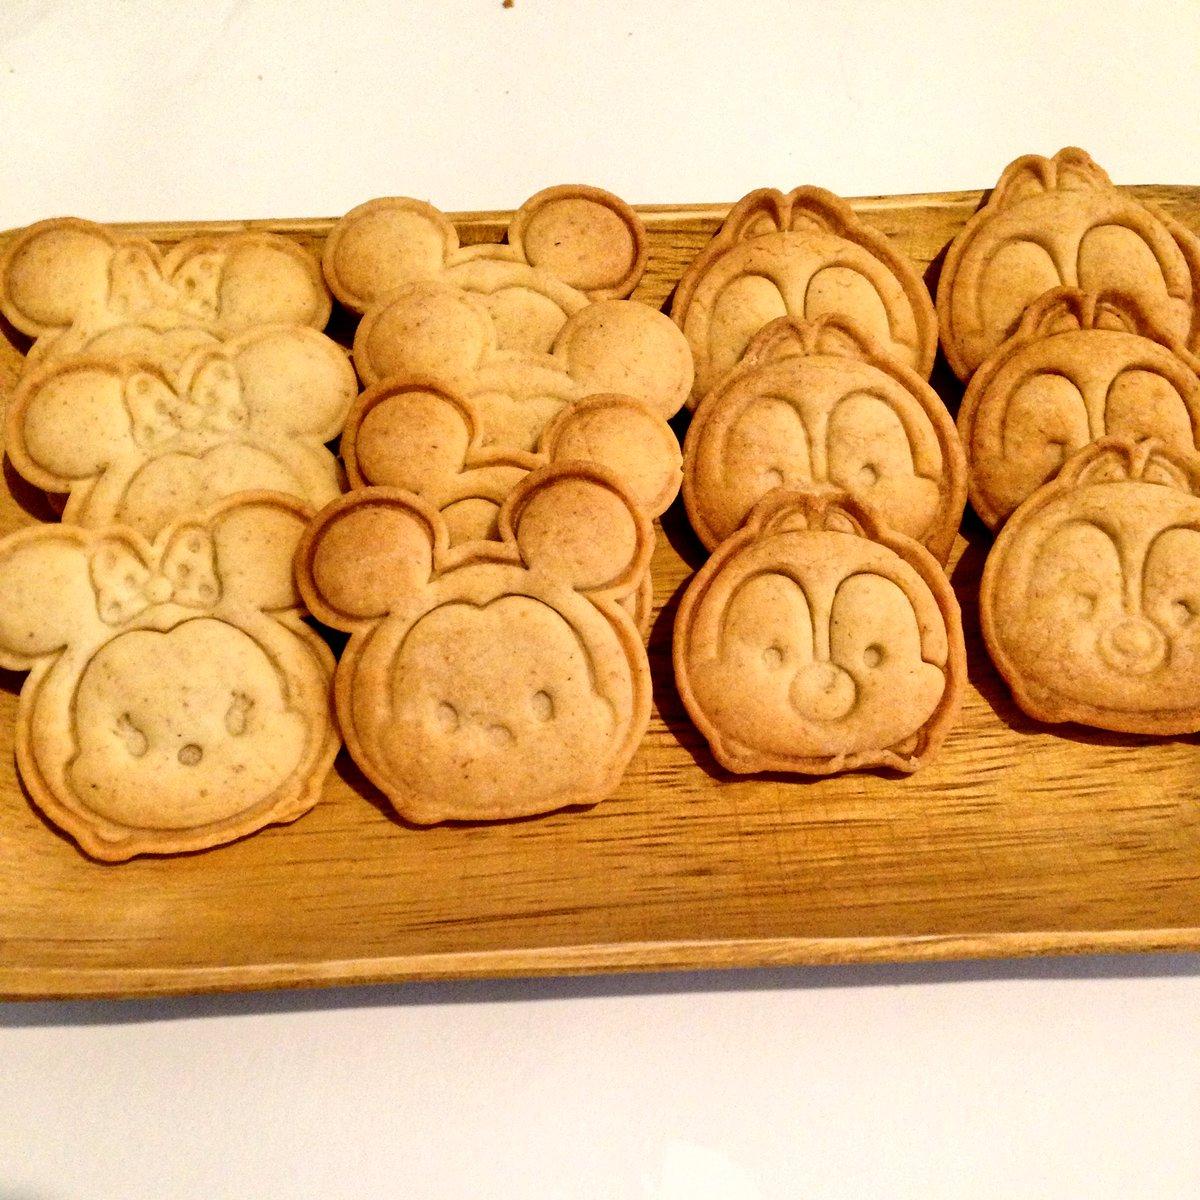 test ツイッターメディア - 今日実家に持って行ったクッキー。 ミニーちゃんが一番抜きやすかった。 チップとデールはちゃんと鼻の形が違っている。  もう少し抜きやすいレシピにしても良いかな。  #100均   #セリア  #クッキー  #ツムツム https://t.co/STnakaKMHt